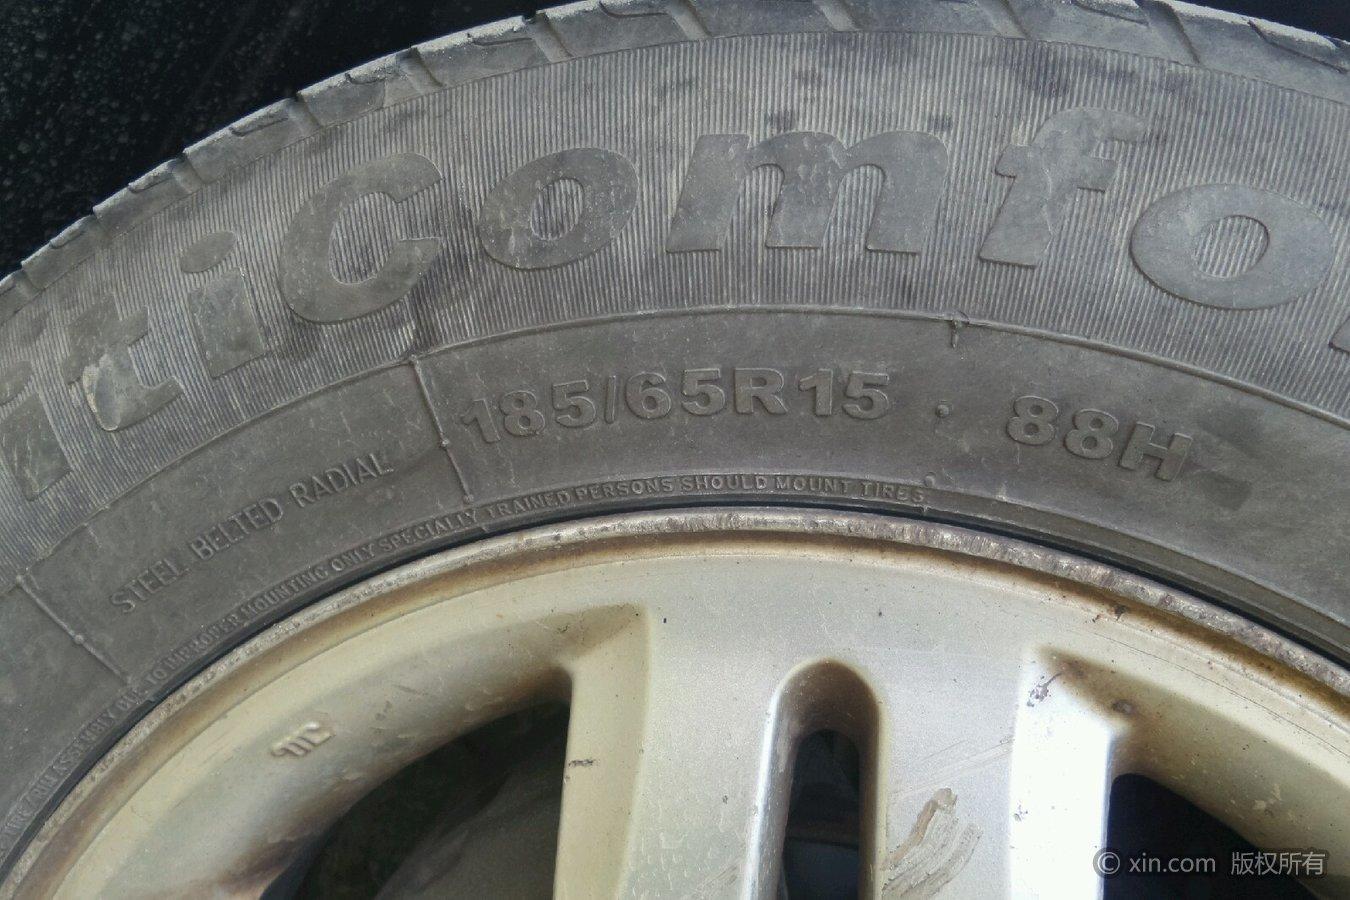 铃木轮胎左前雨燕尺寸白鹭的课文录音免费下载图片